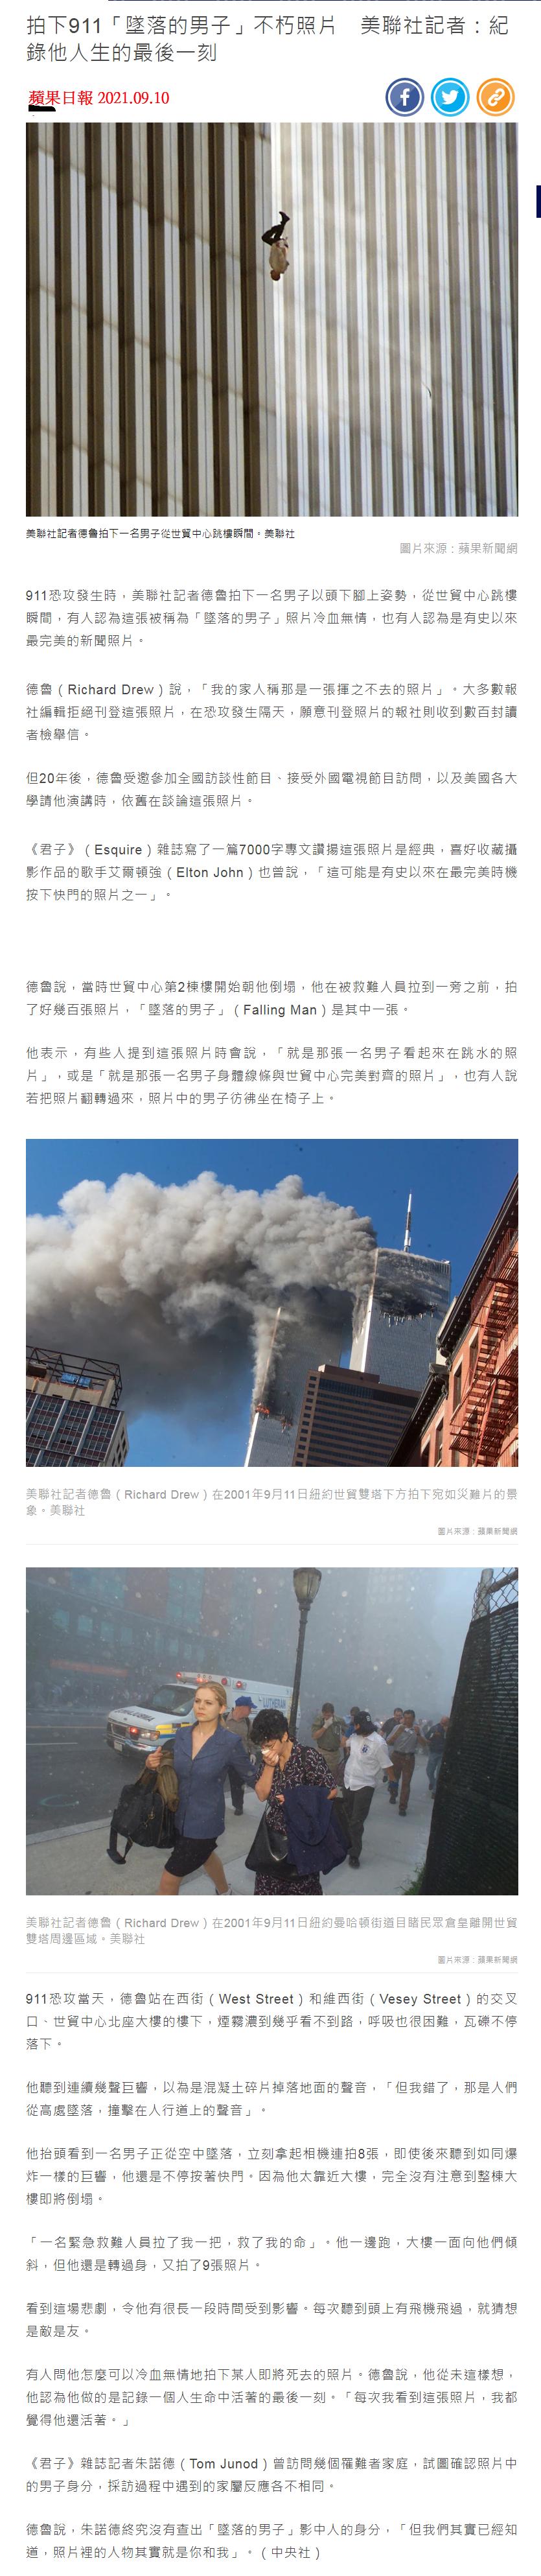 拍下911「墜落的男子」不朽照片 美聯社記者:紀錄他人生的最後一刻 - 蘋果新聞網 -2021.09.11.png